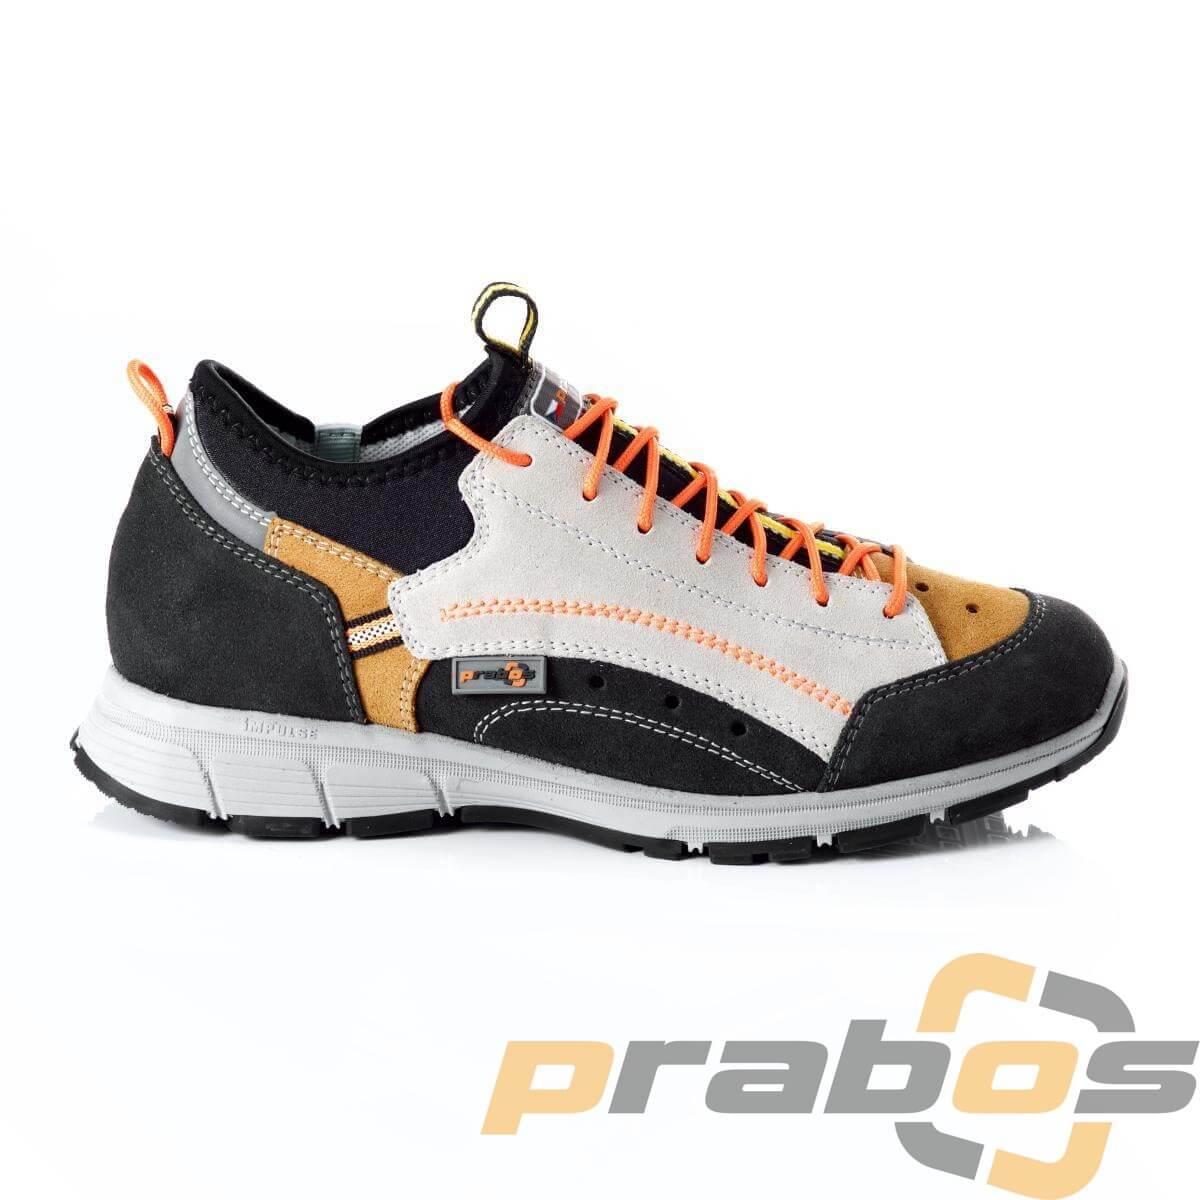 d75cfdd6 obuwie sportowe damskie Bolzano Perla